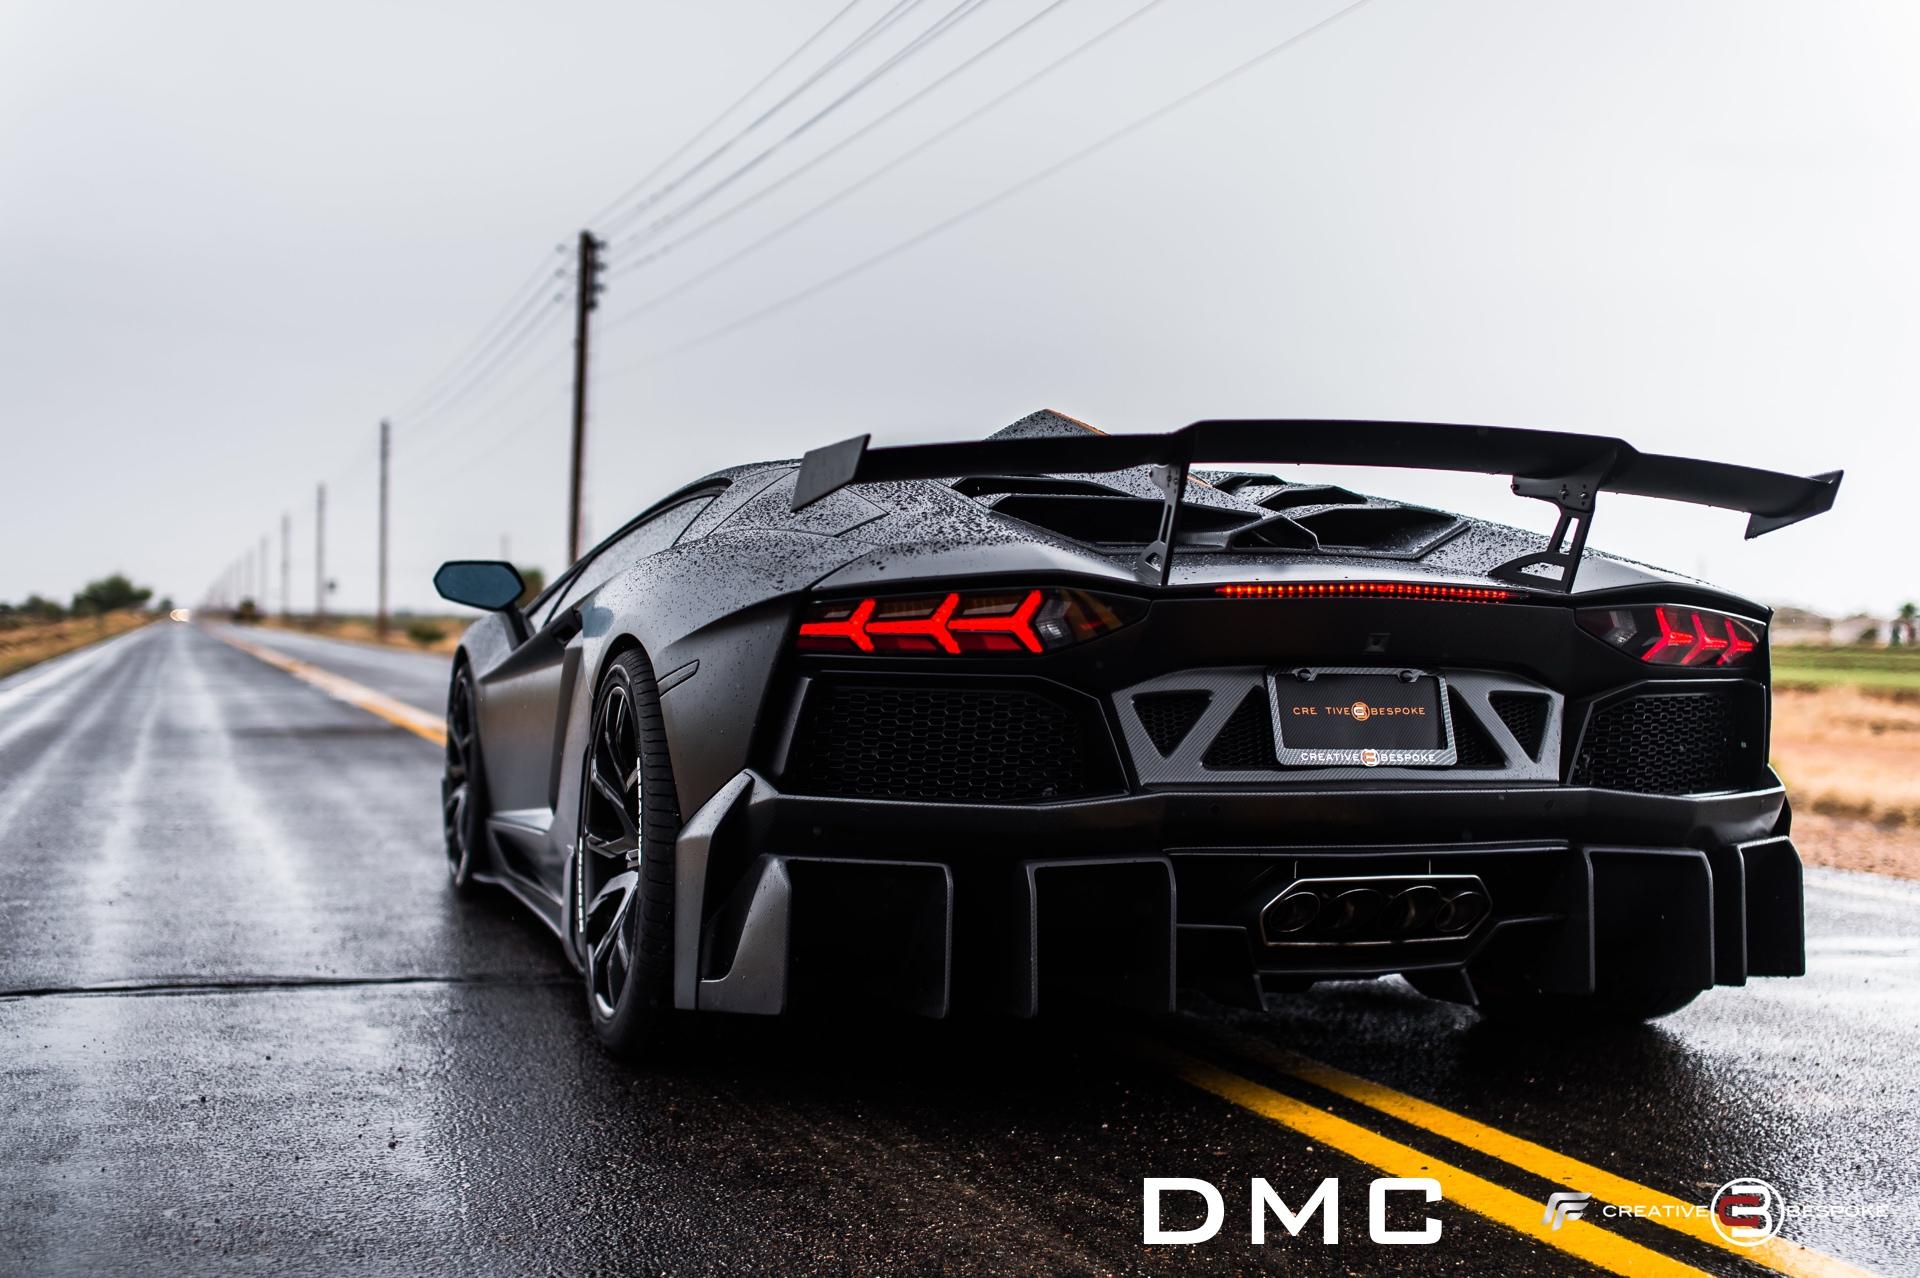 Lamborghini_Aventador_Edizione_GT_Las_Americas_DMC_0001